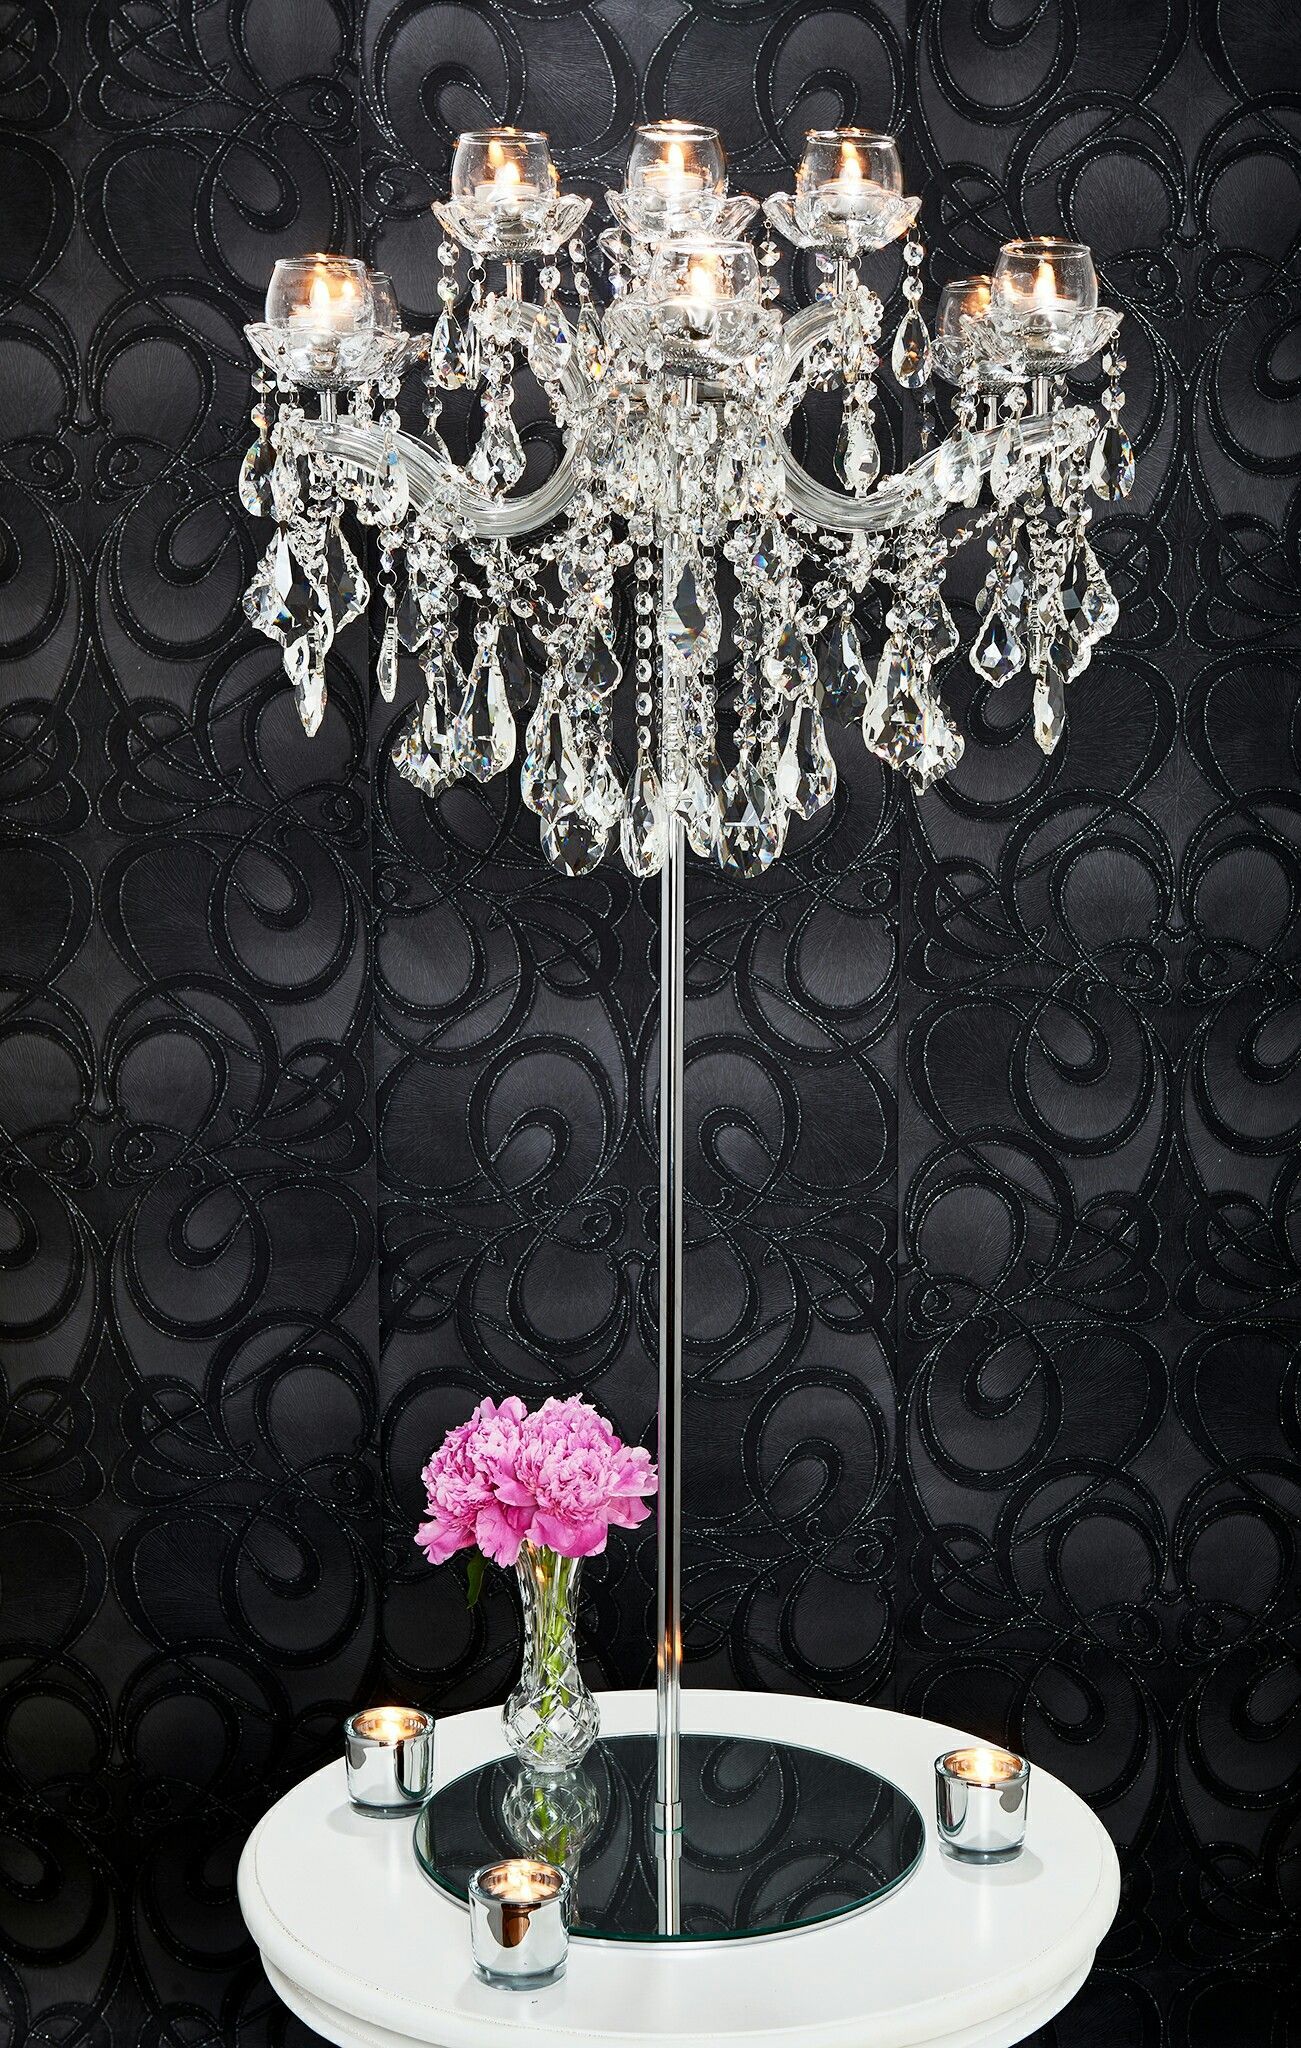 Luxury candelabras melbourne australia provided by chandelier luxury candelabras melbourne australia provided by chandelier hire they come in chrome arubaitofo Choice Image